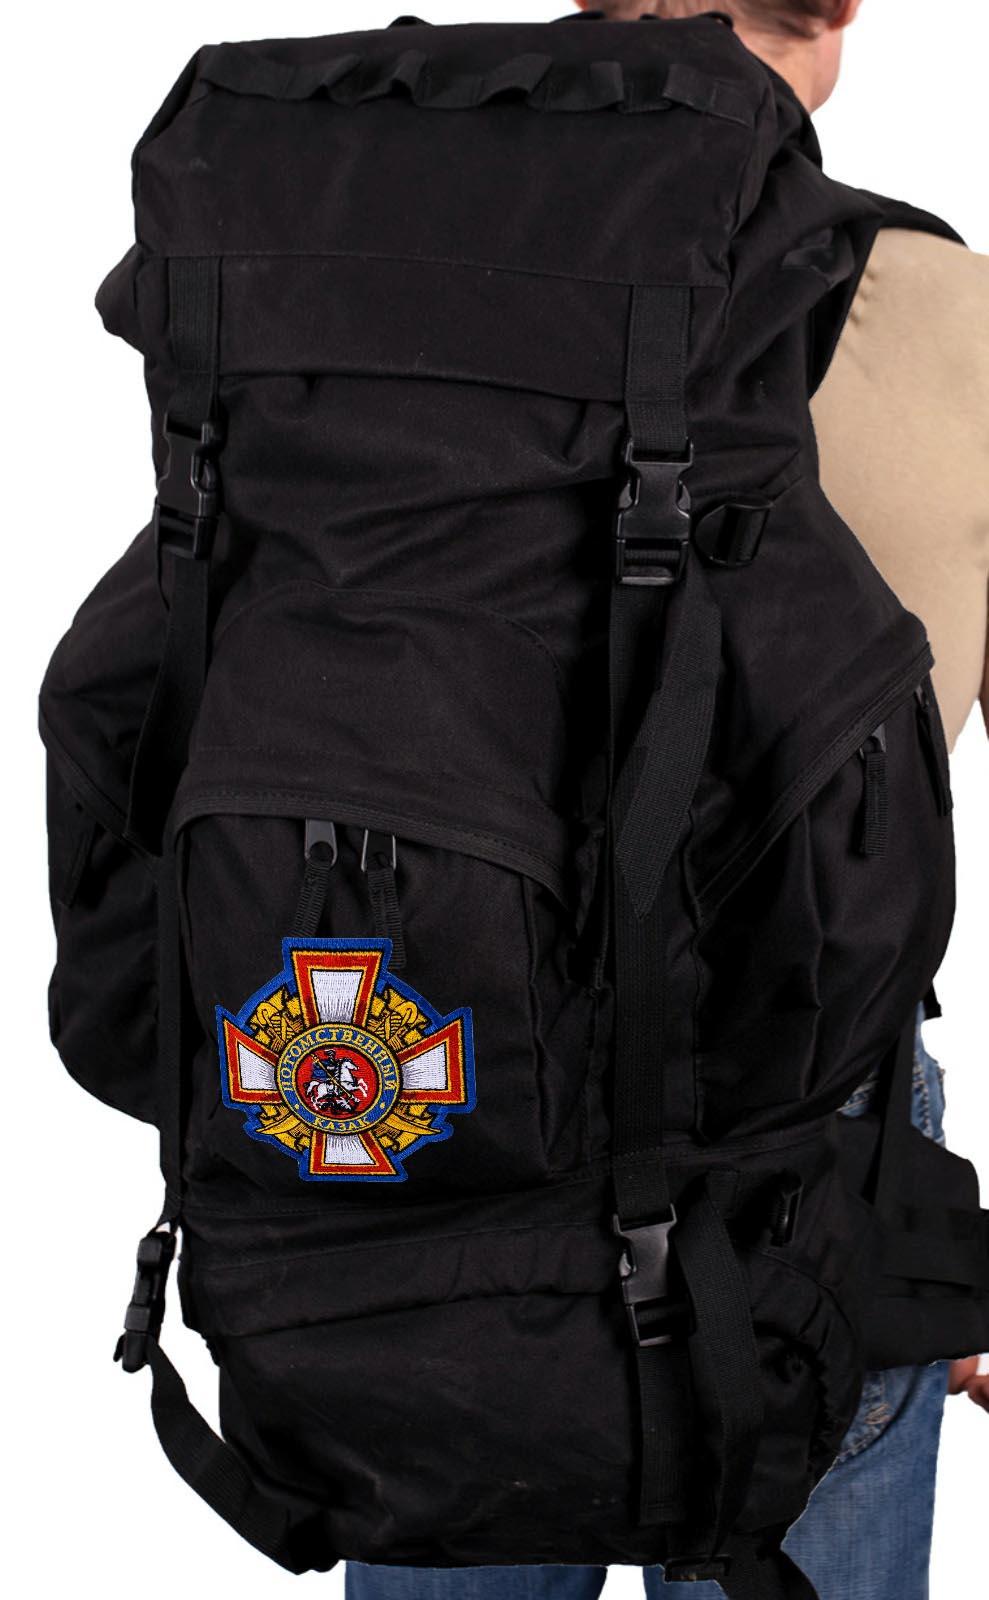 Черный многодневный рюкзак с нашивкой Потомственный Казак - купить онлайн